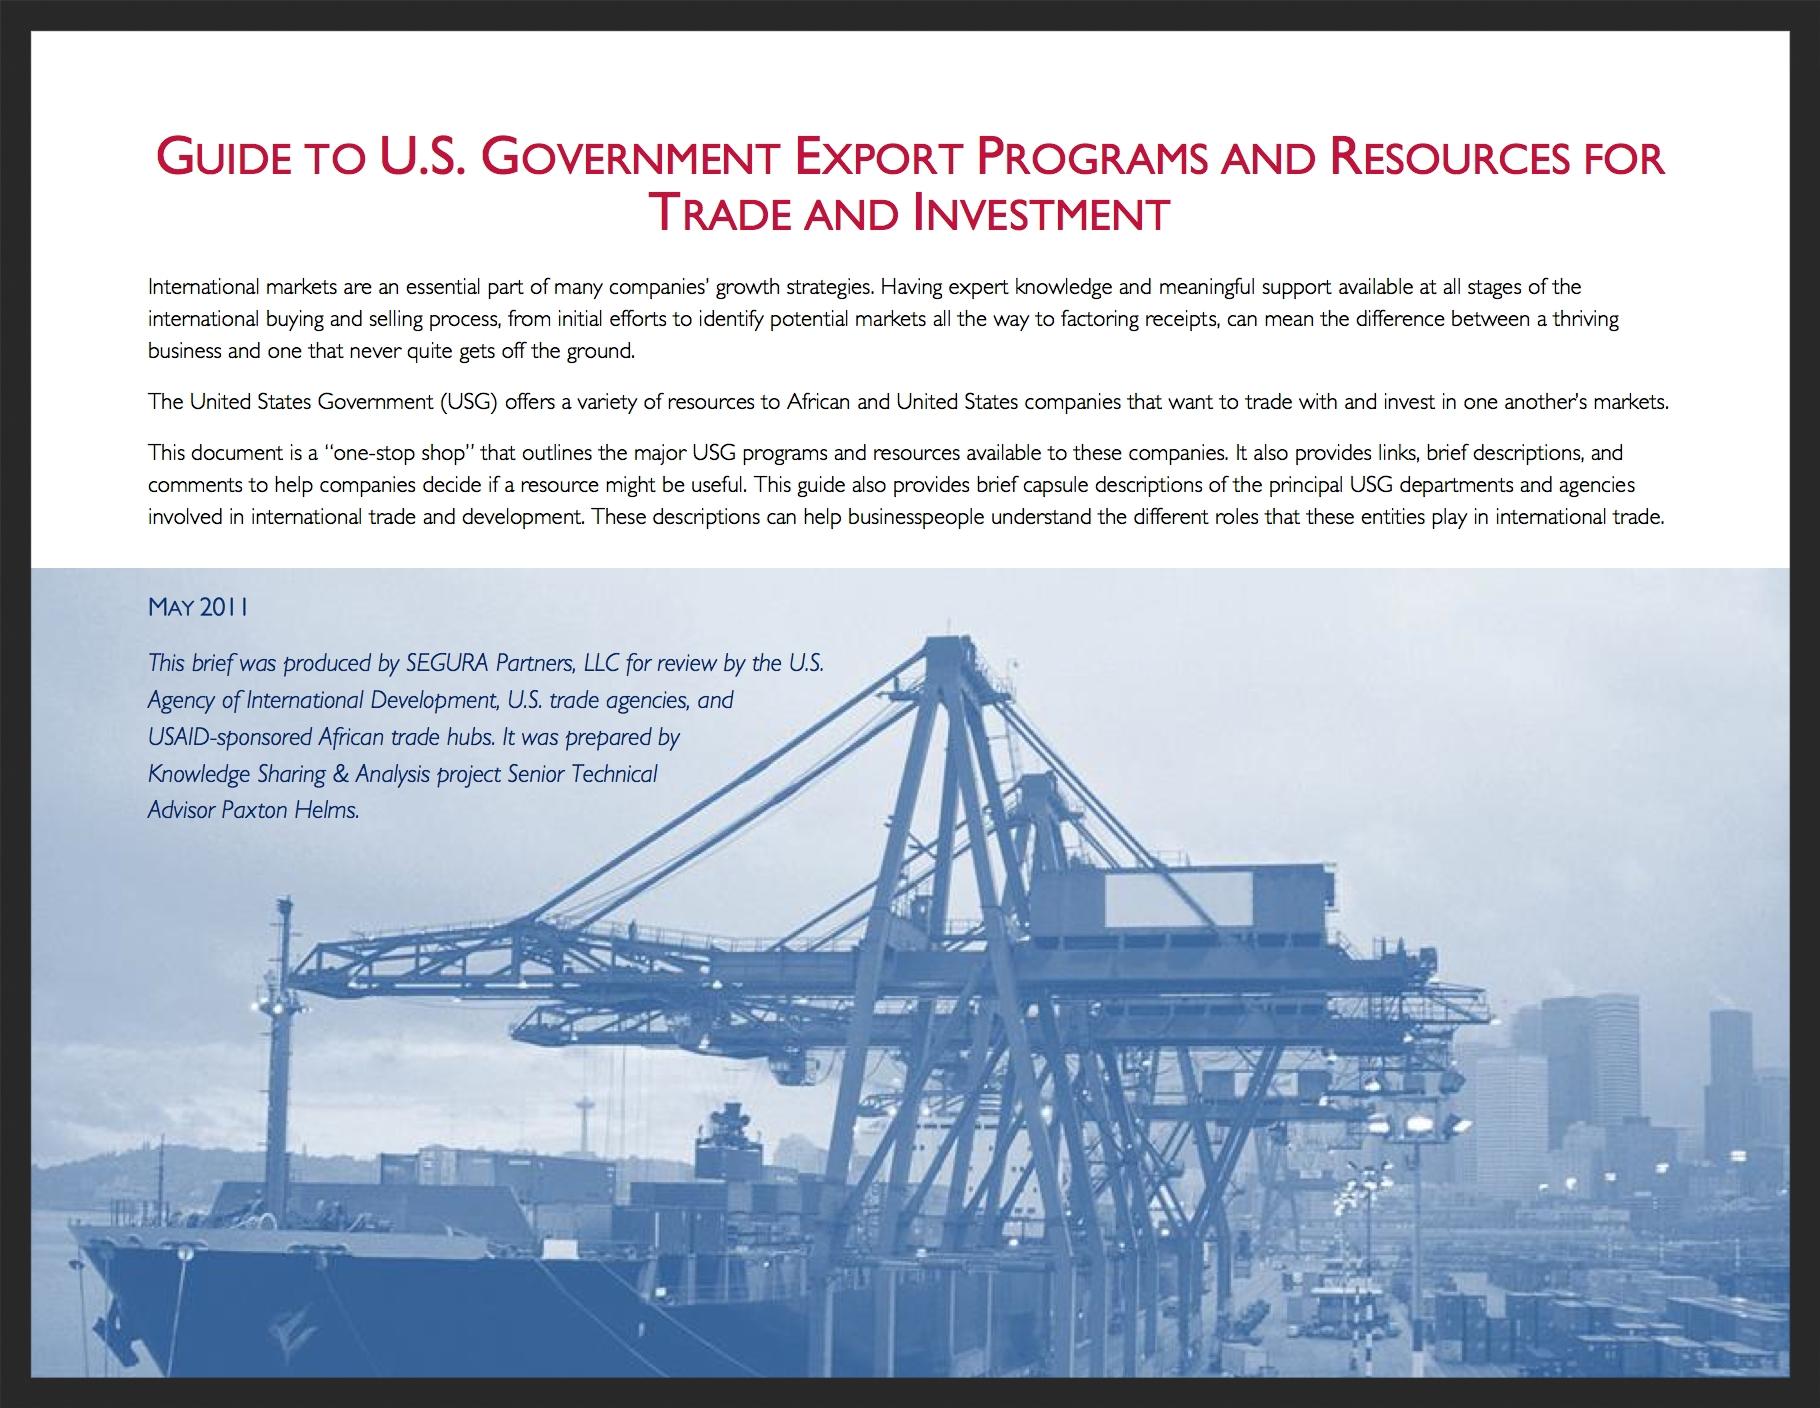 Guide to U.S. Export Resource Programs Handout